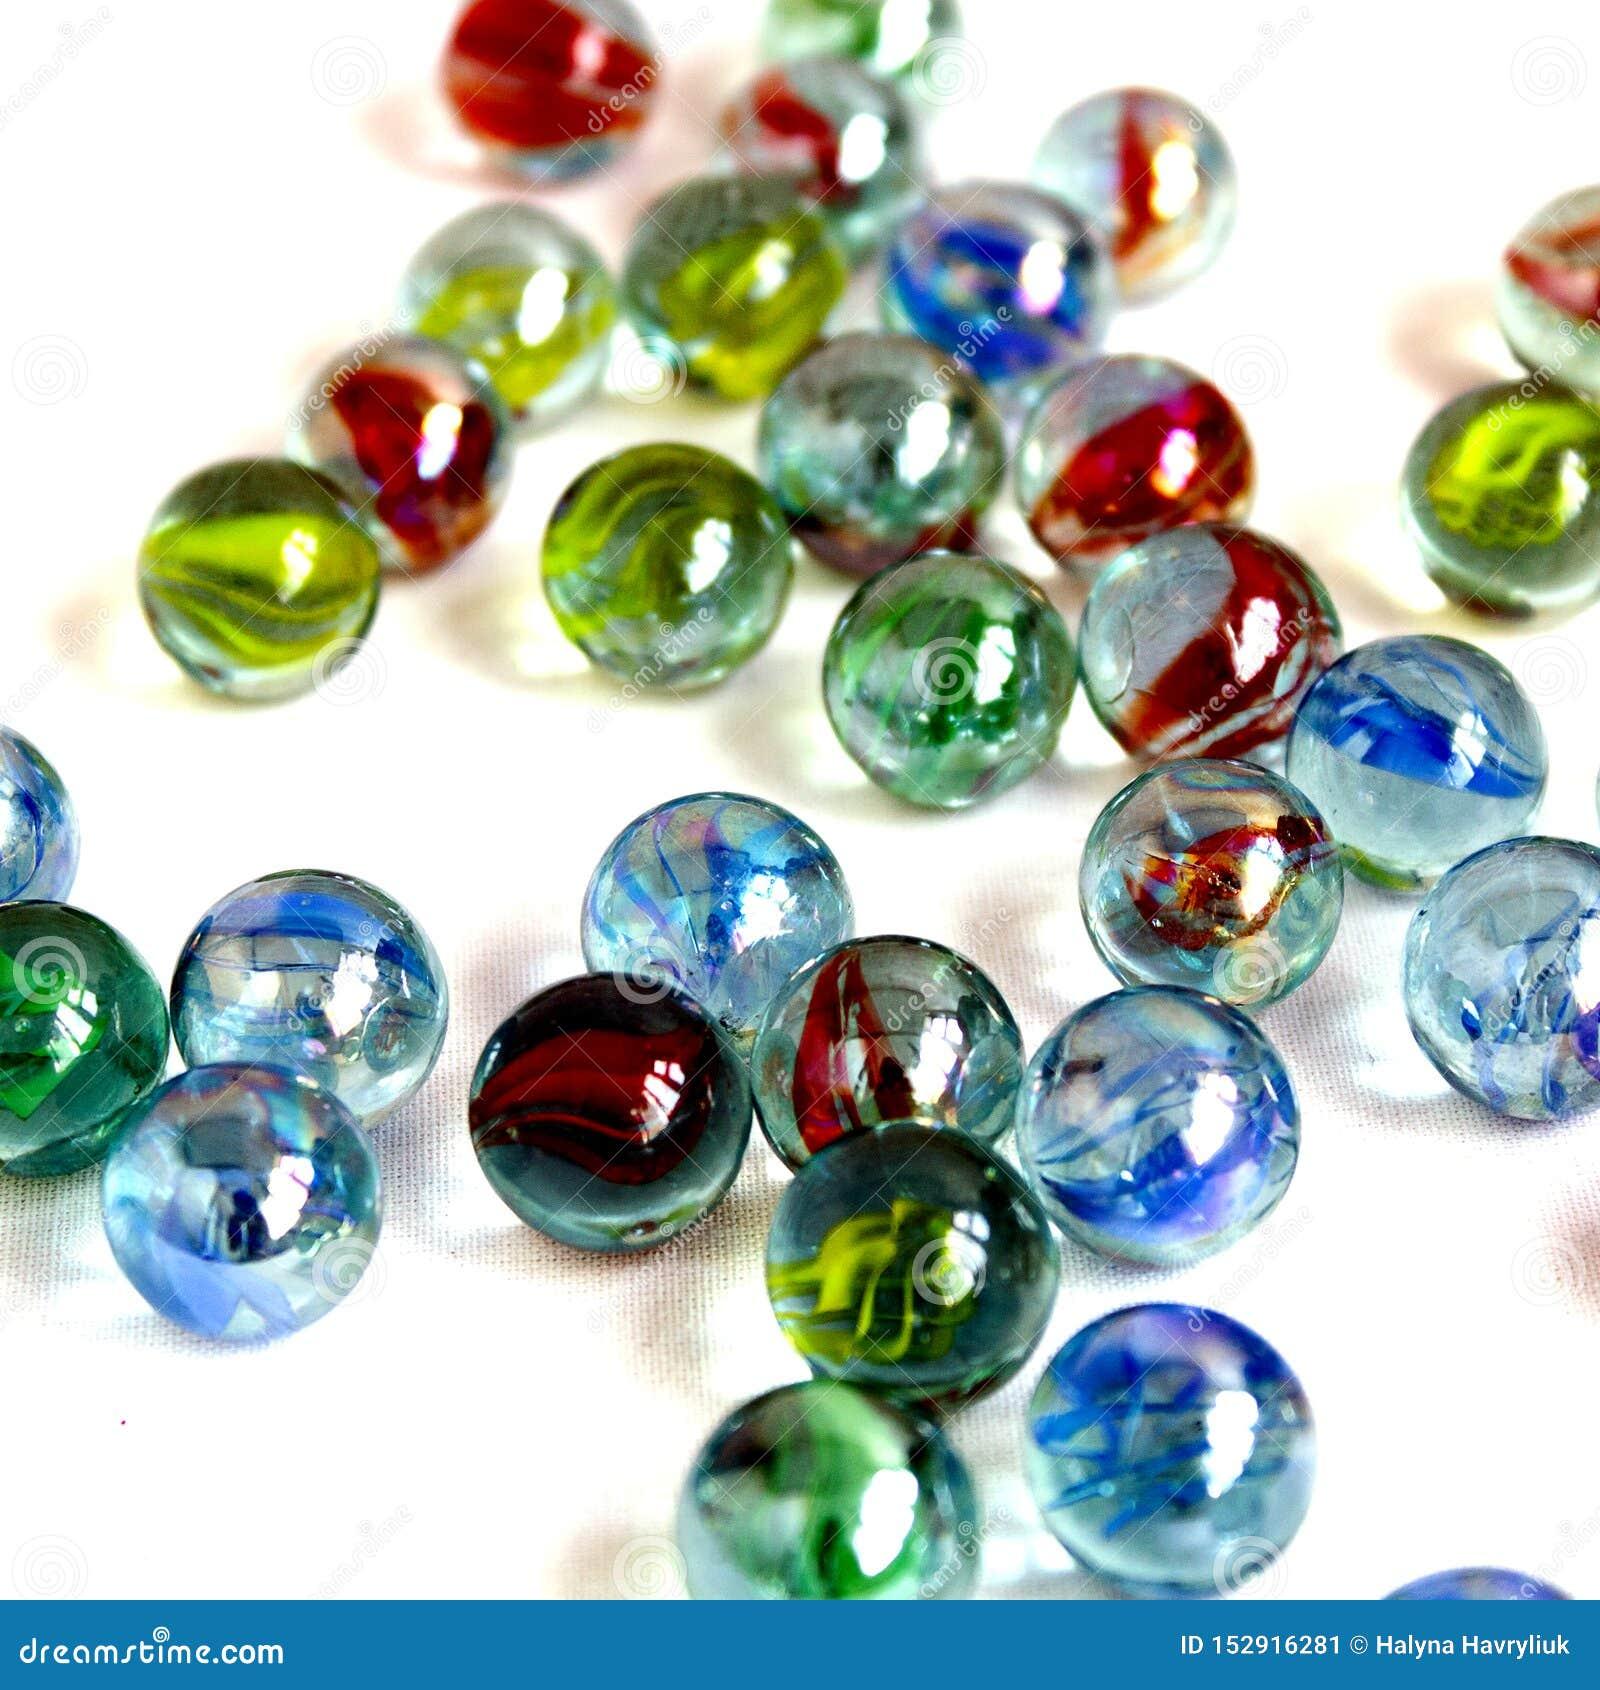 Kleurrijk, glas, achtergrond, wit, bal, blauw, geel geïsoleerd rood, pret, ronde bezinning, klein, transparant spel, stuk speelgo